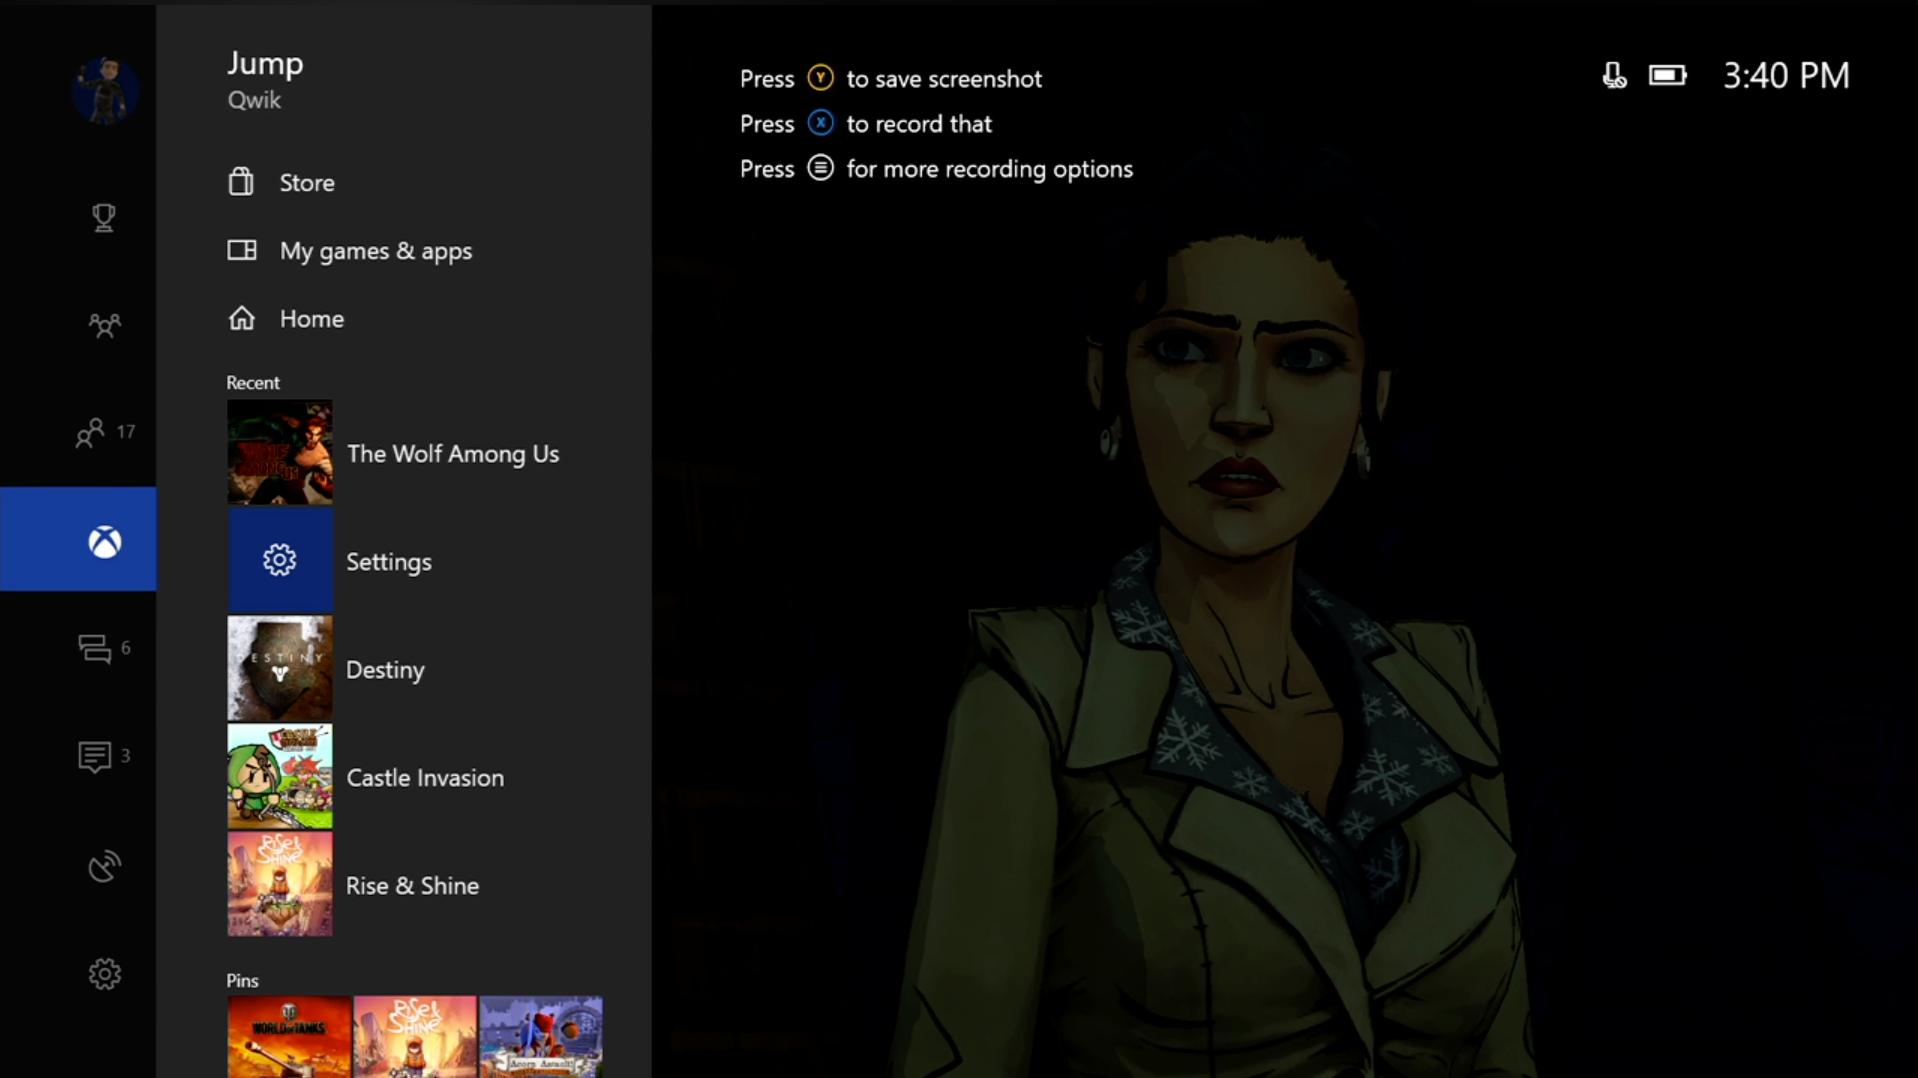 Microsoft ukázal přepracované levé menu v Xboxu One 136685